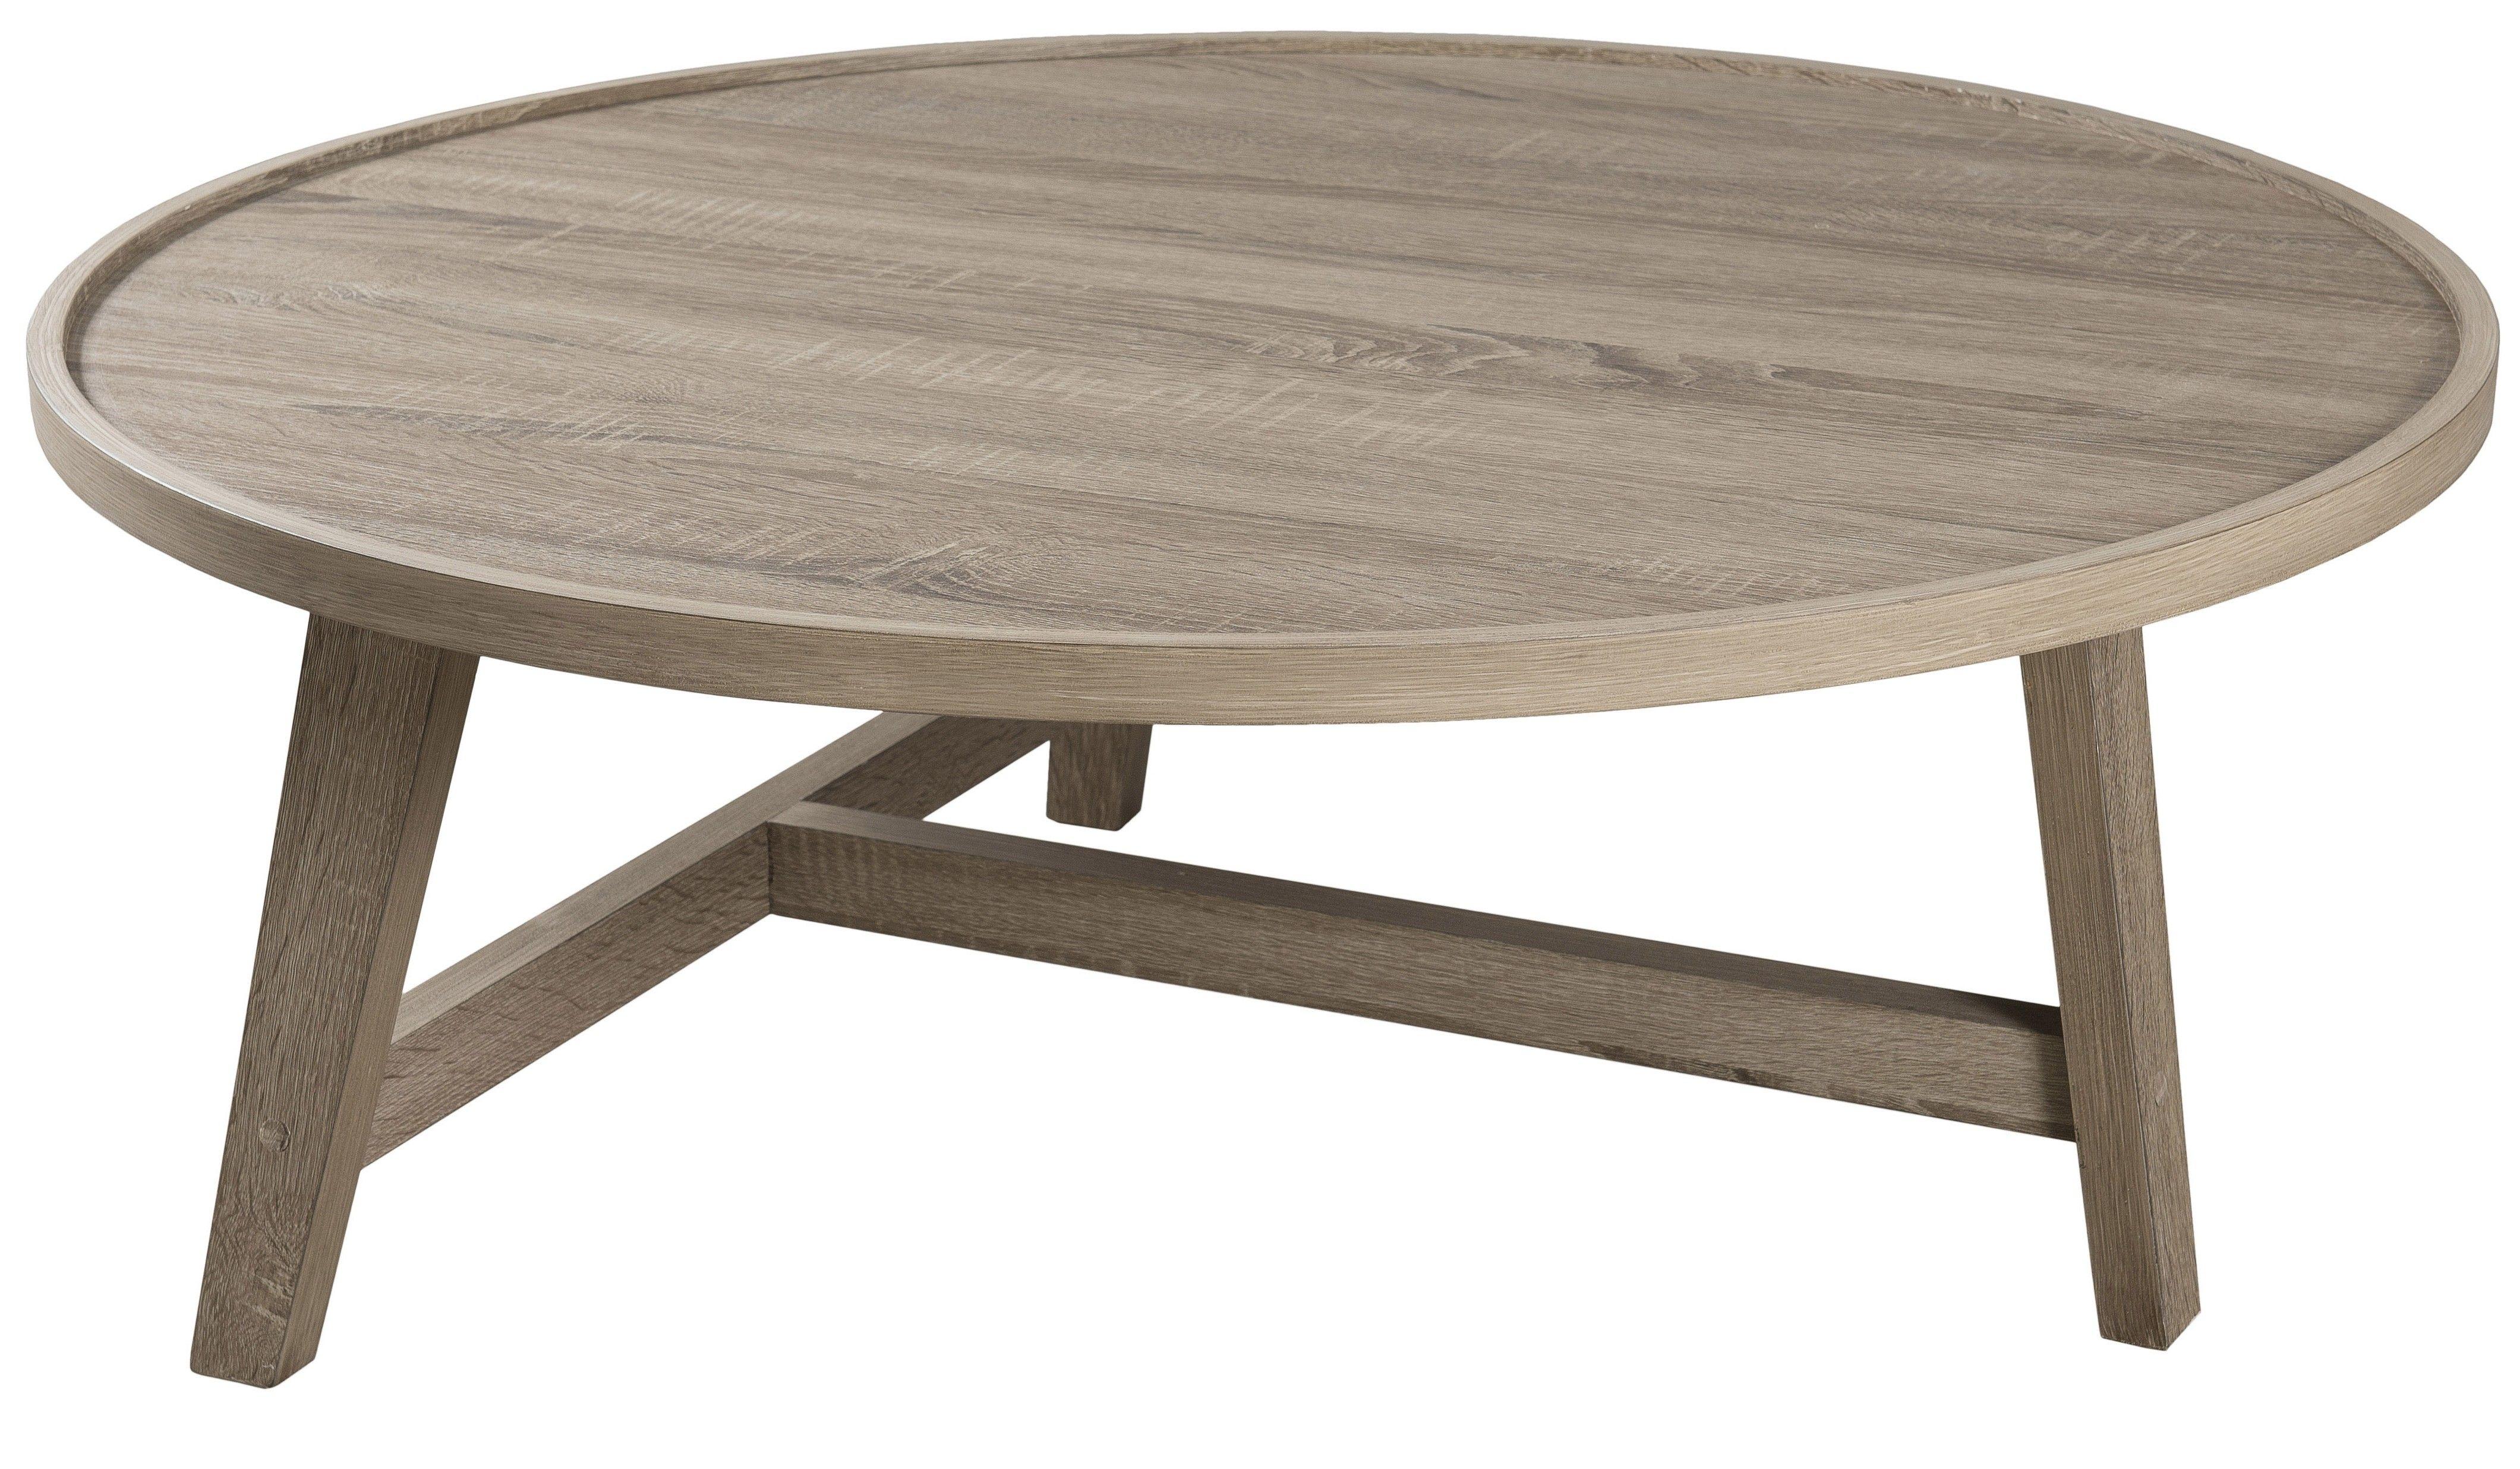 Table Basse Ronde Salon Lepetitsiam